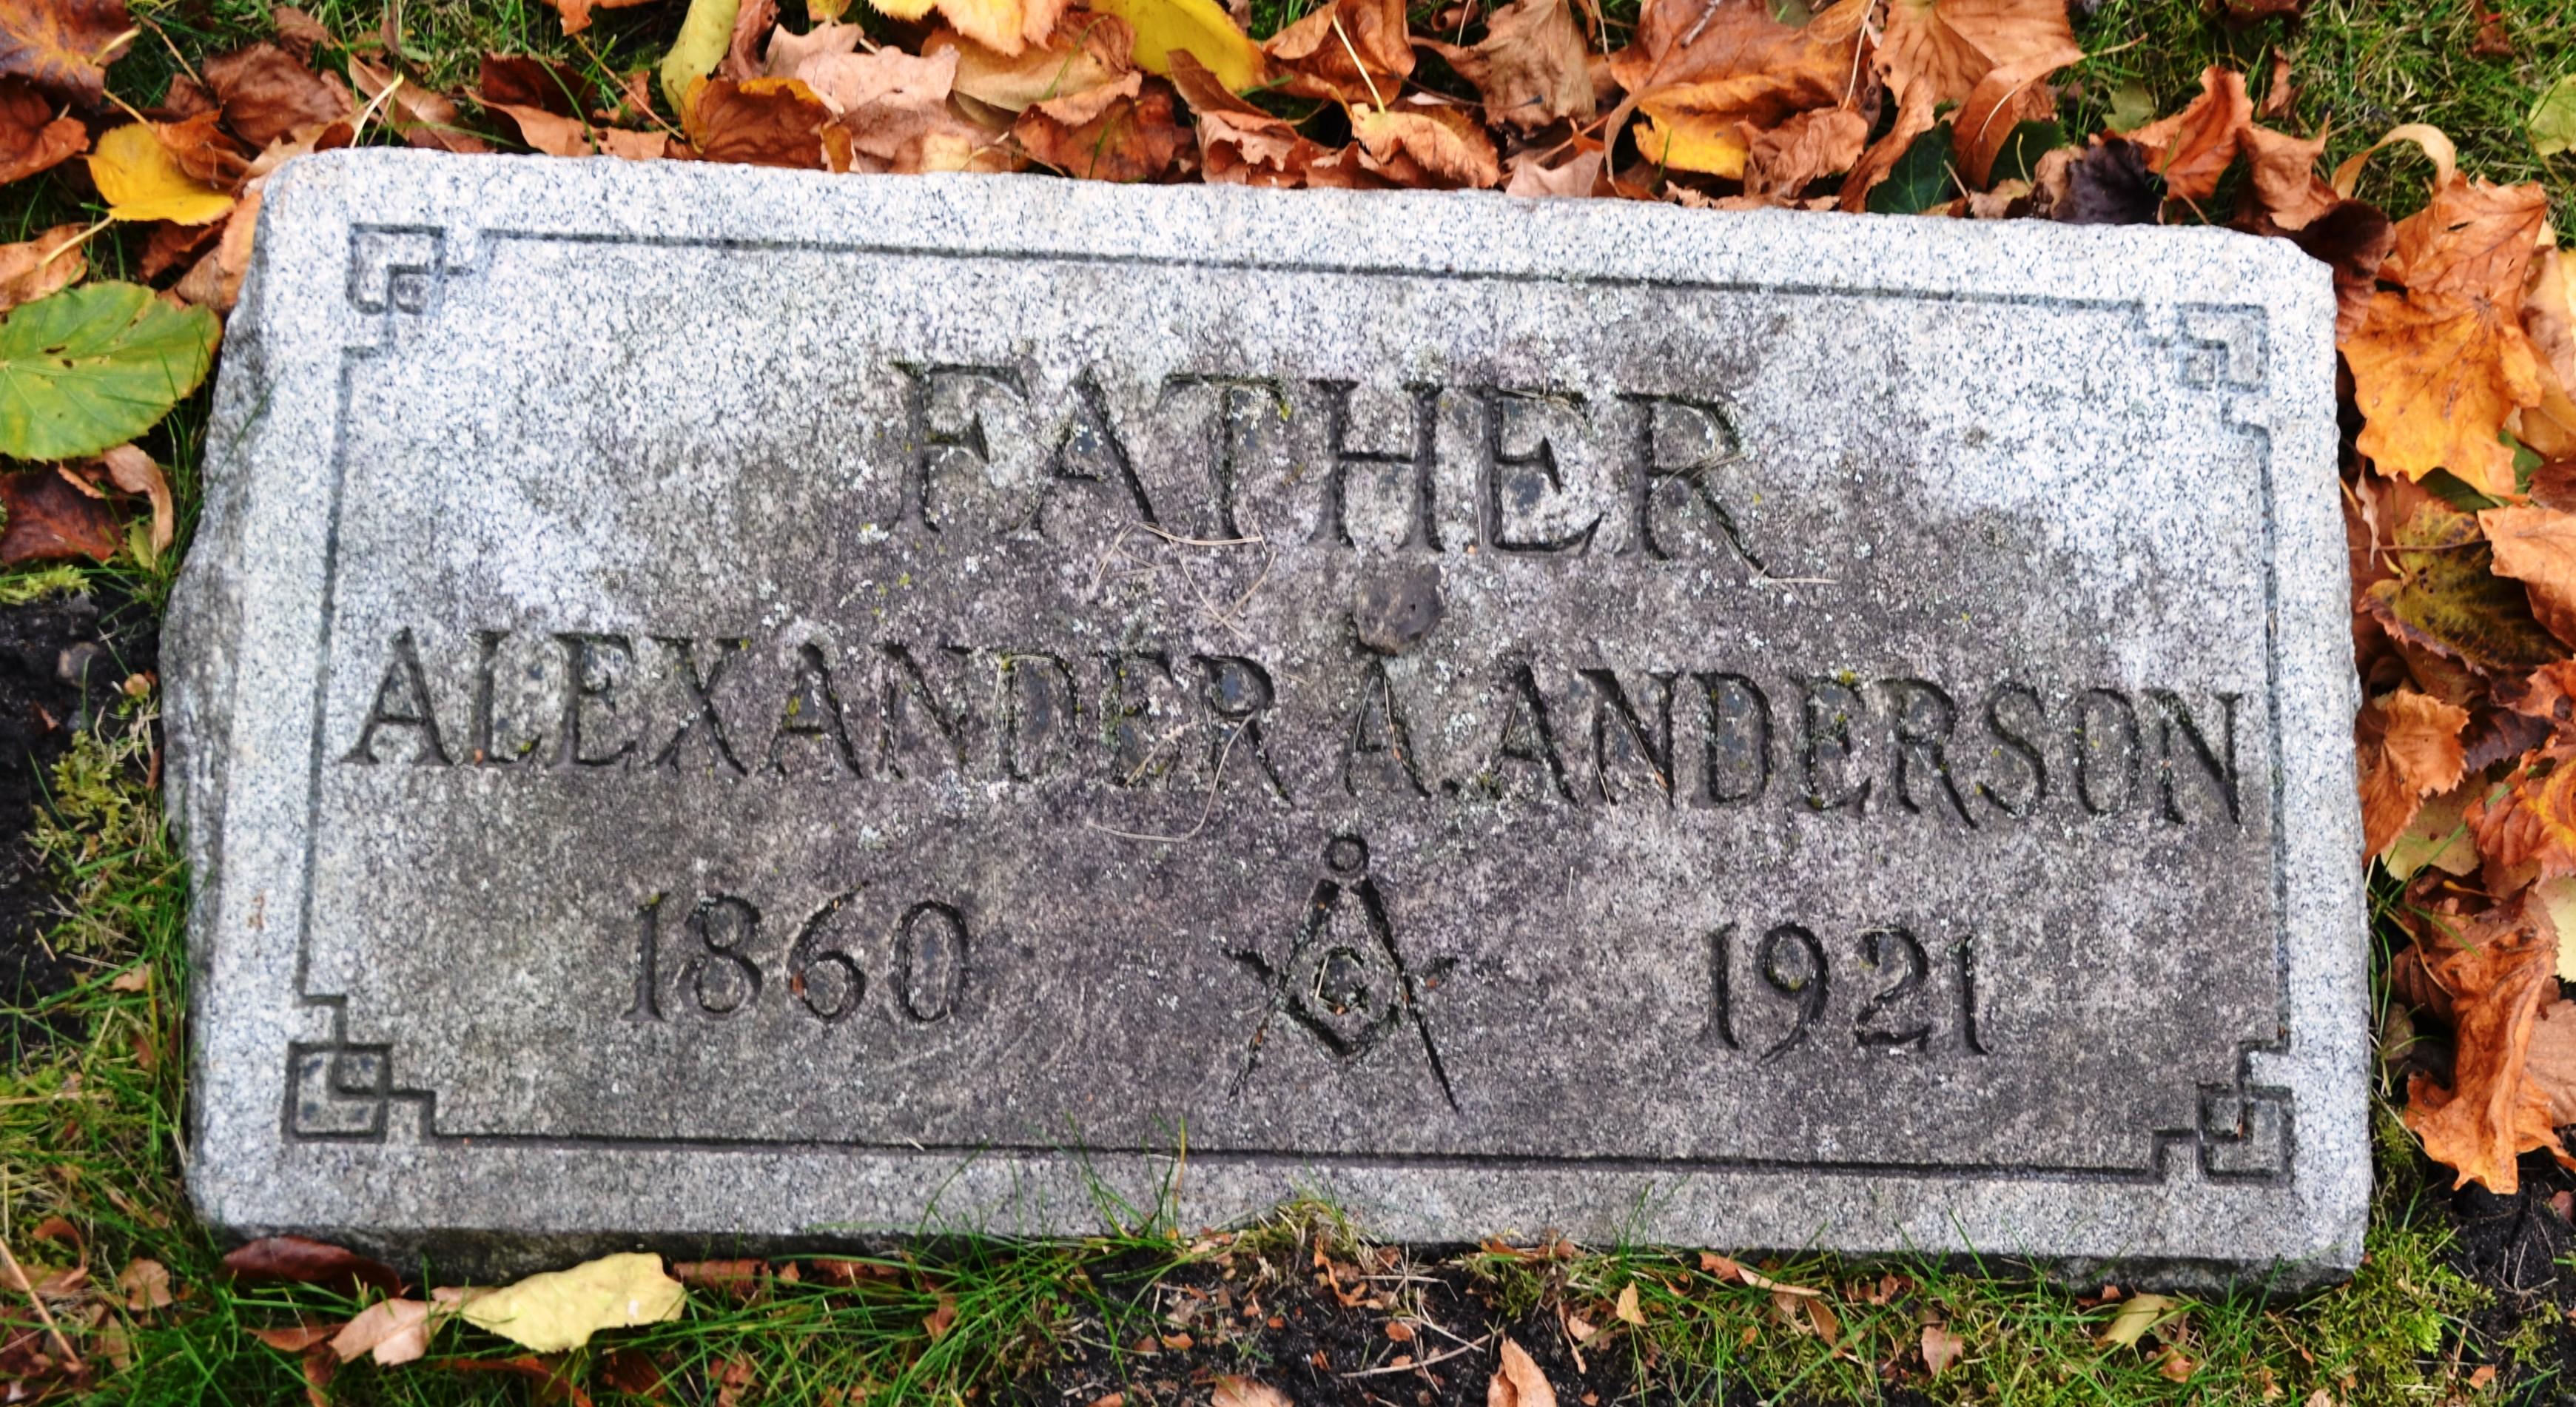 Capt Alexander A. Anderson